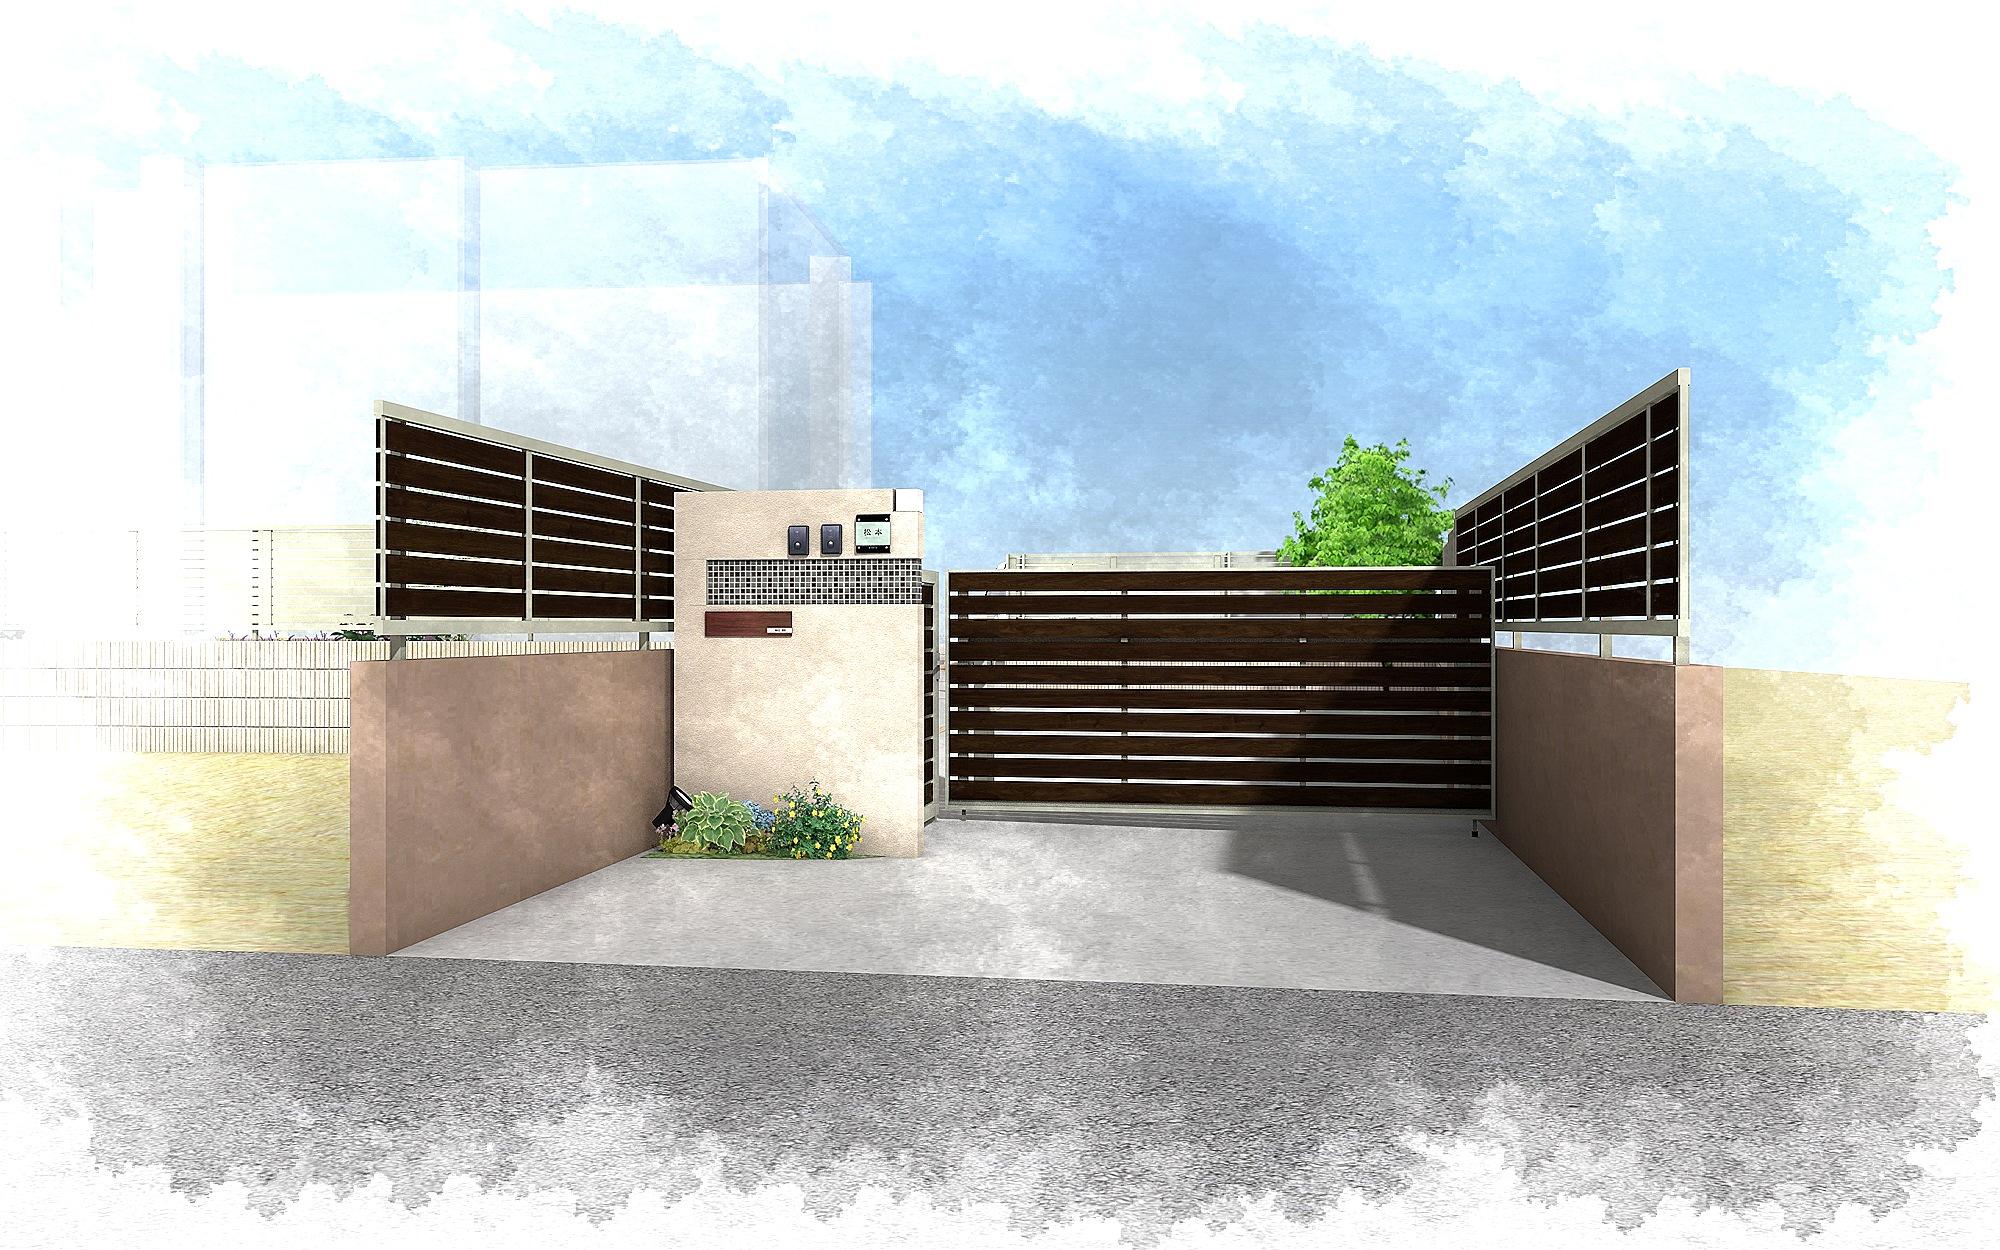 千葉市柏井町。木目フェンスのおしゃれなアプローチ。かわいいレンガのガーデン。3